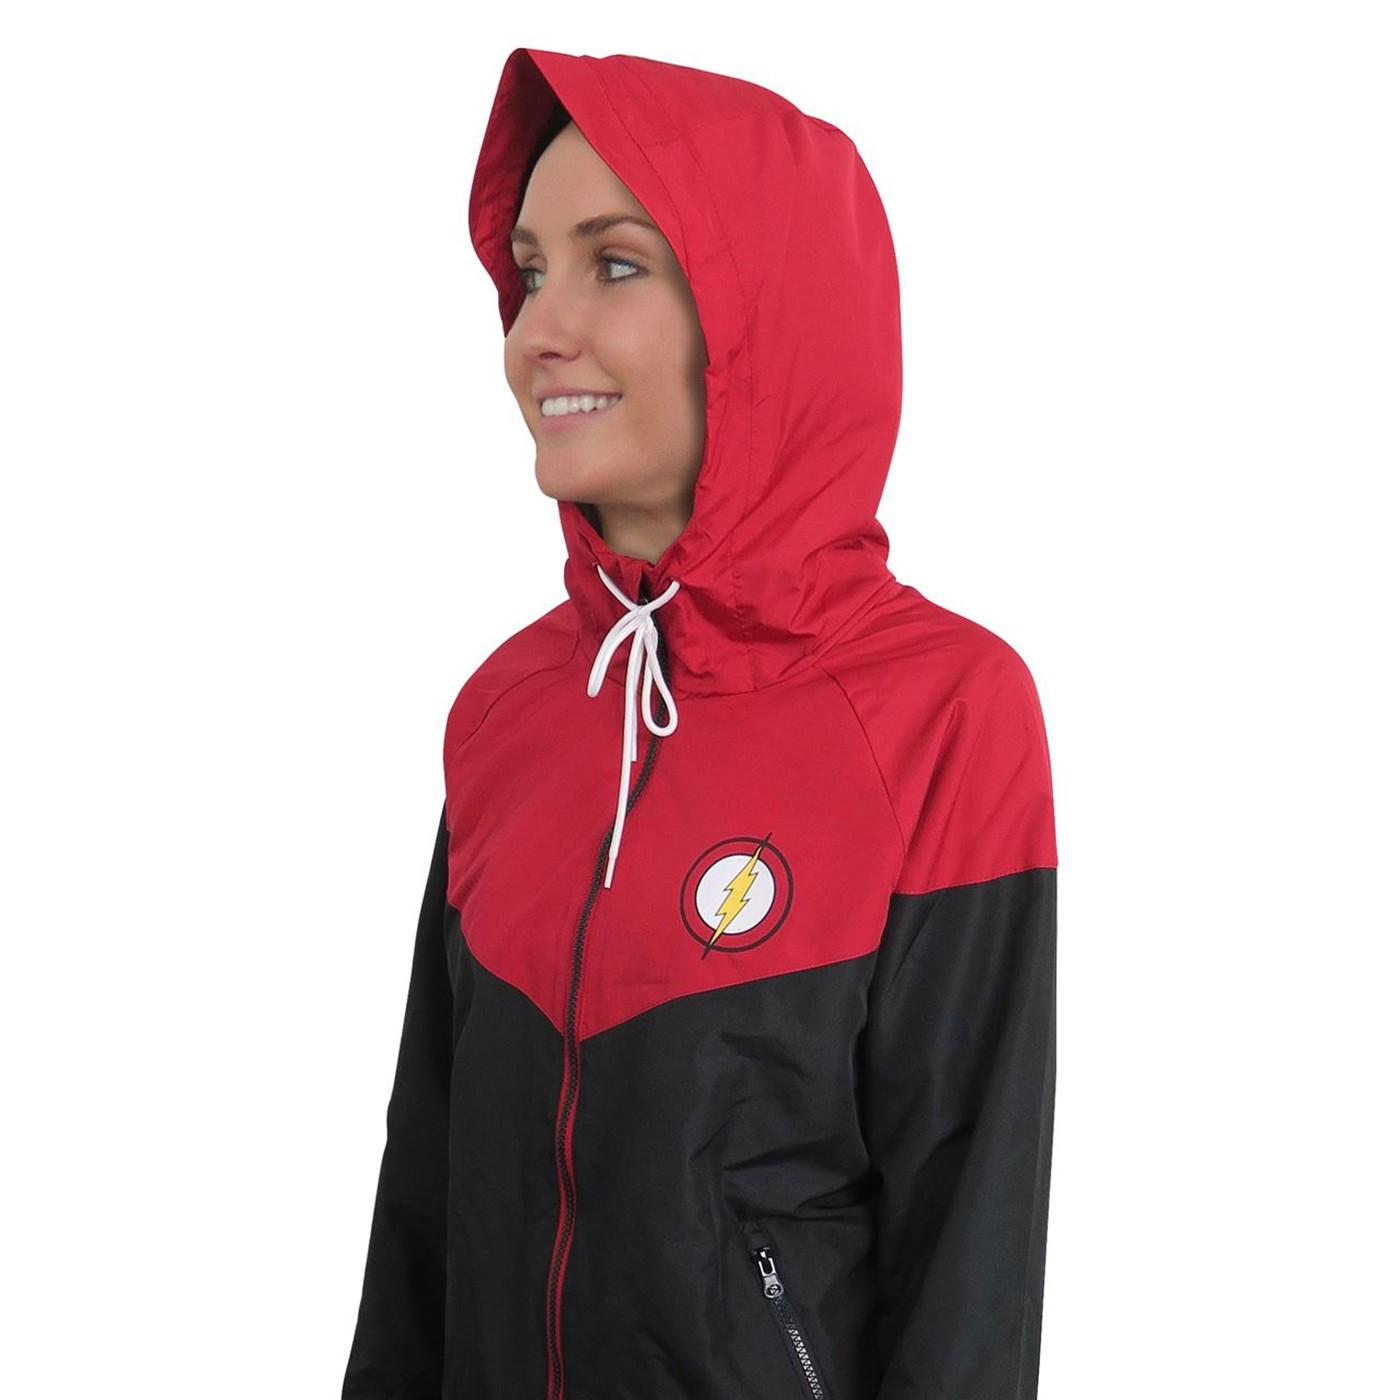 Flash Red & Black Women's Hooded Windbreaker